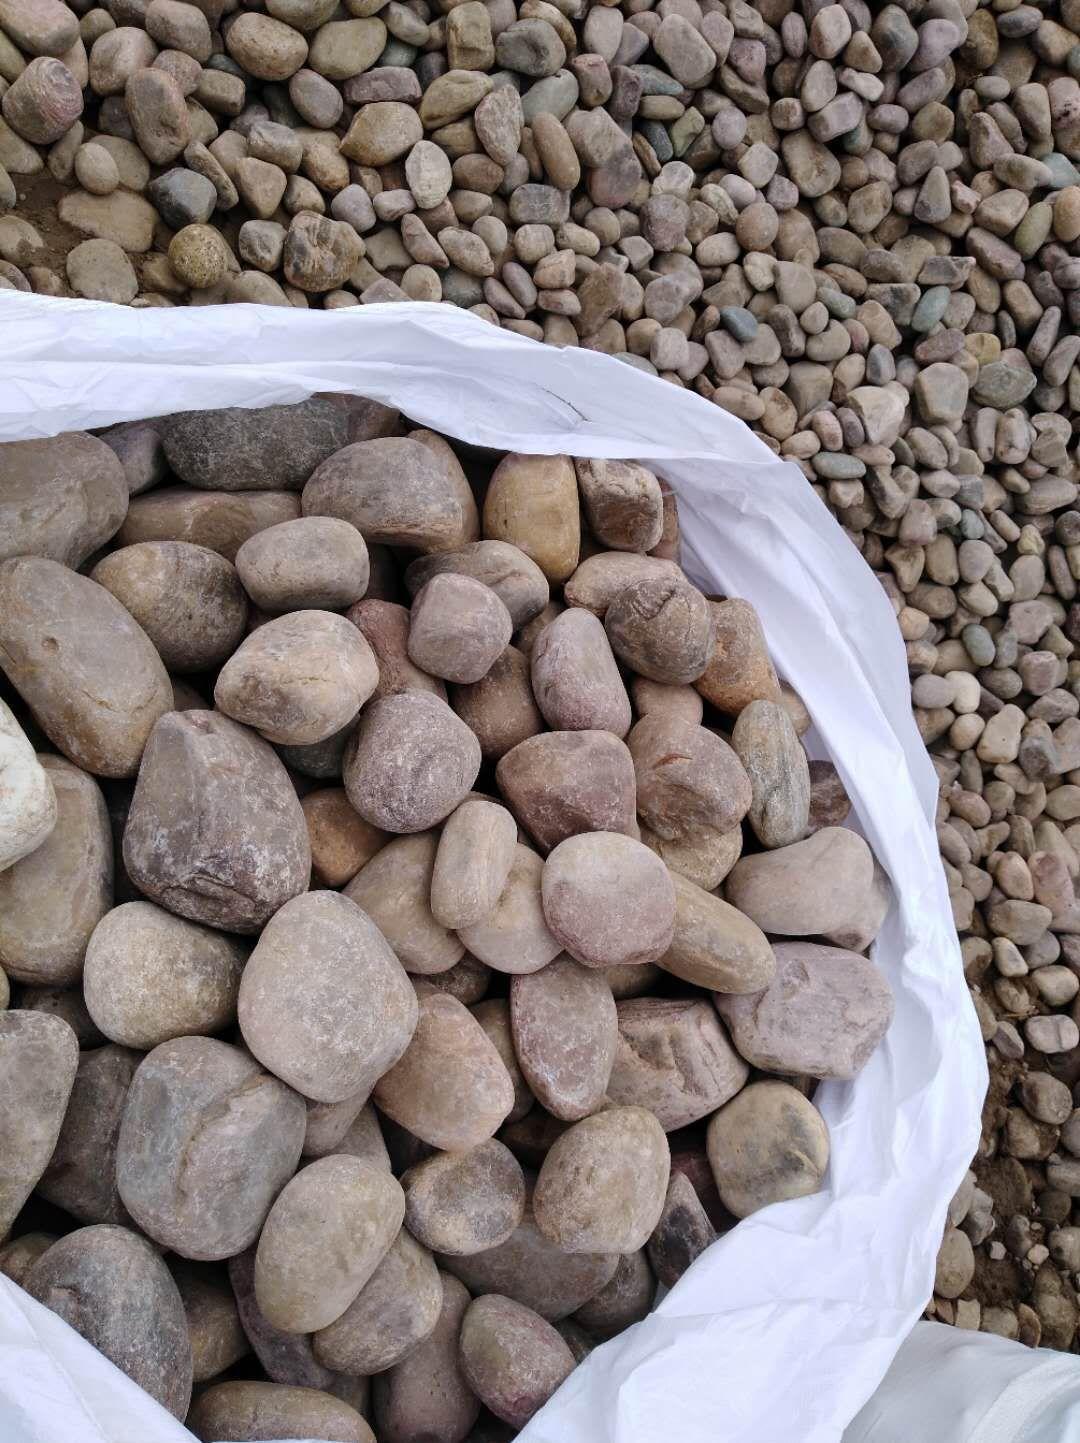 廊坊鹅卵石/河滩石/水冲石产地批发